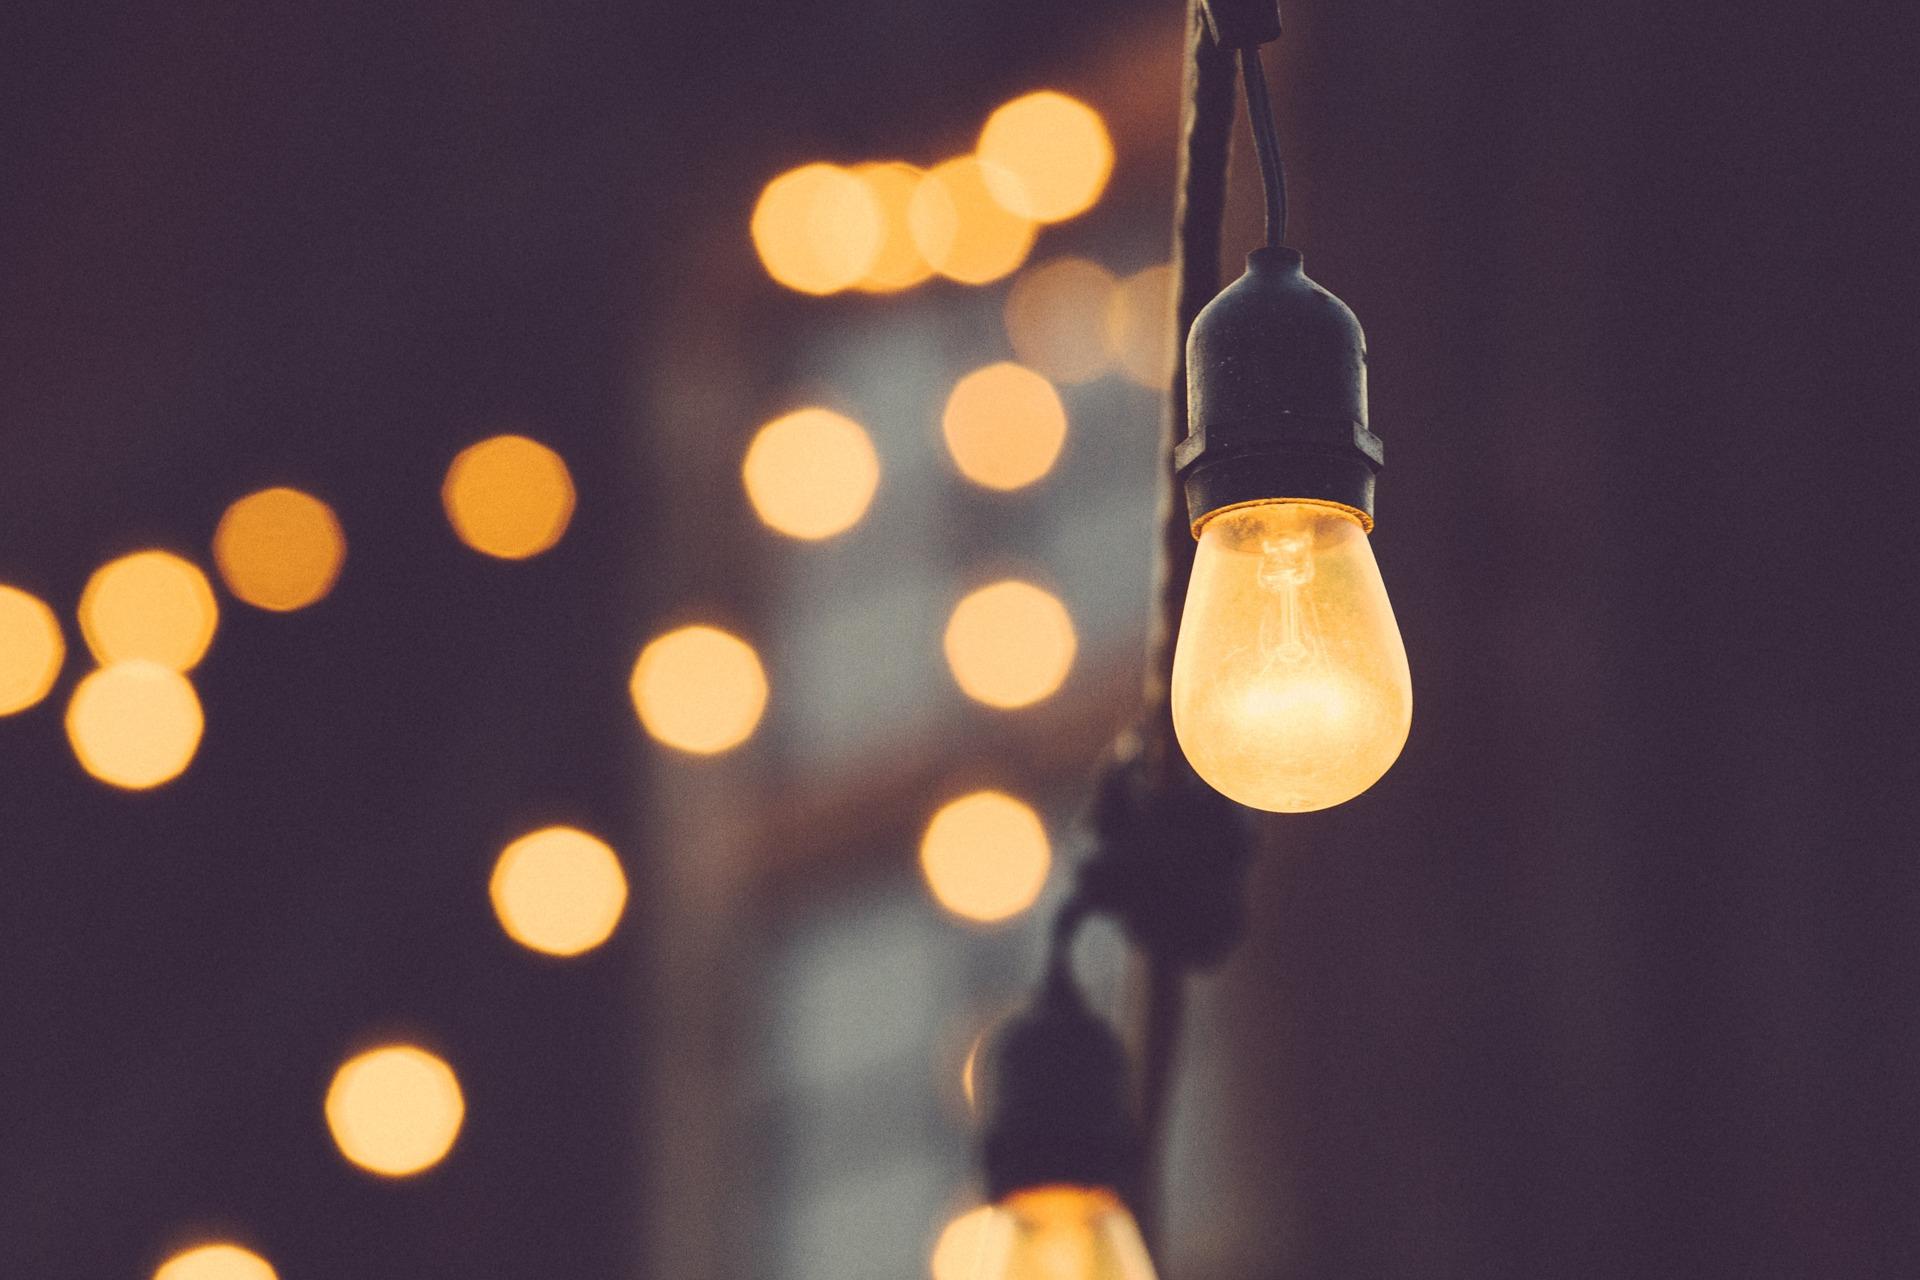 light-bulb-1209491_1920.jpg